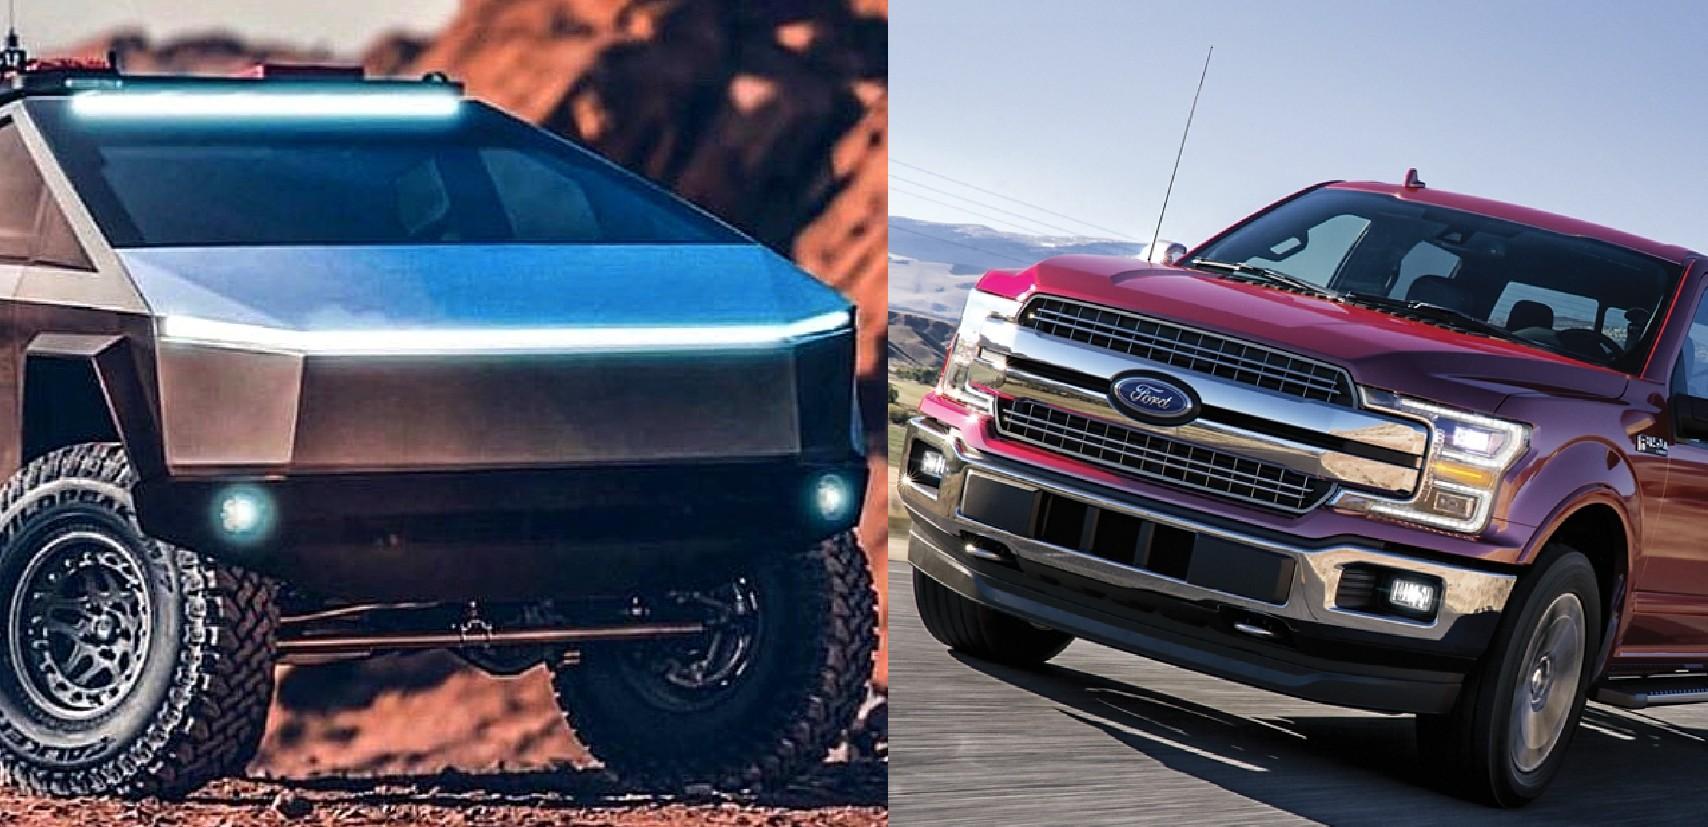 """Ford F-150 EV, конкурент Tesla Cybertruck, столкнулся с """"лежачим полицейским"""" из-за того, что поставщик аккумуляторов получил 10-летний запрет в США"""